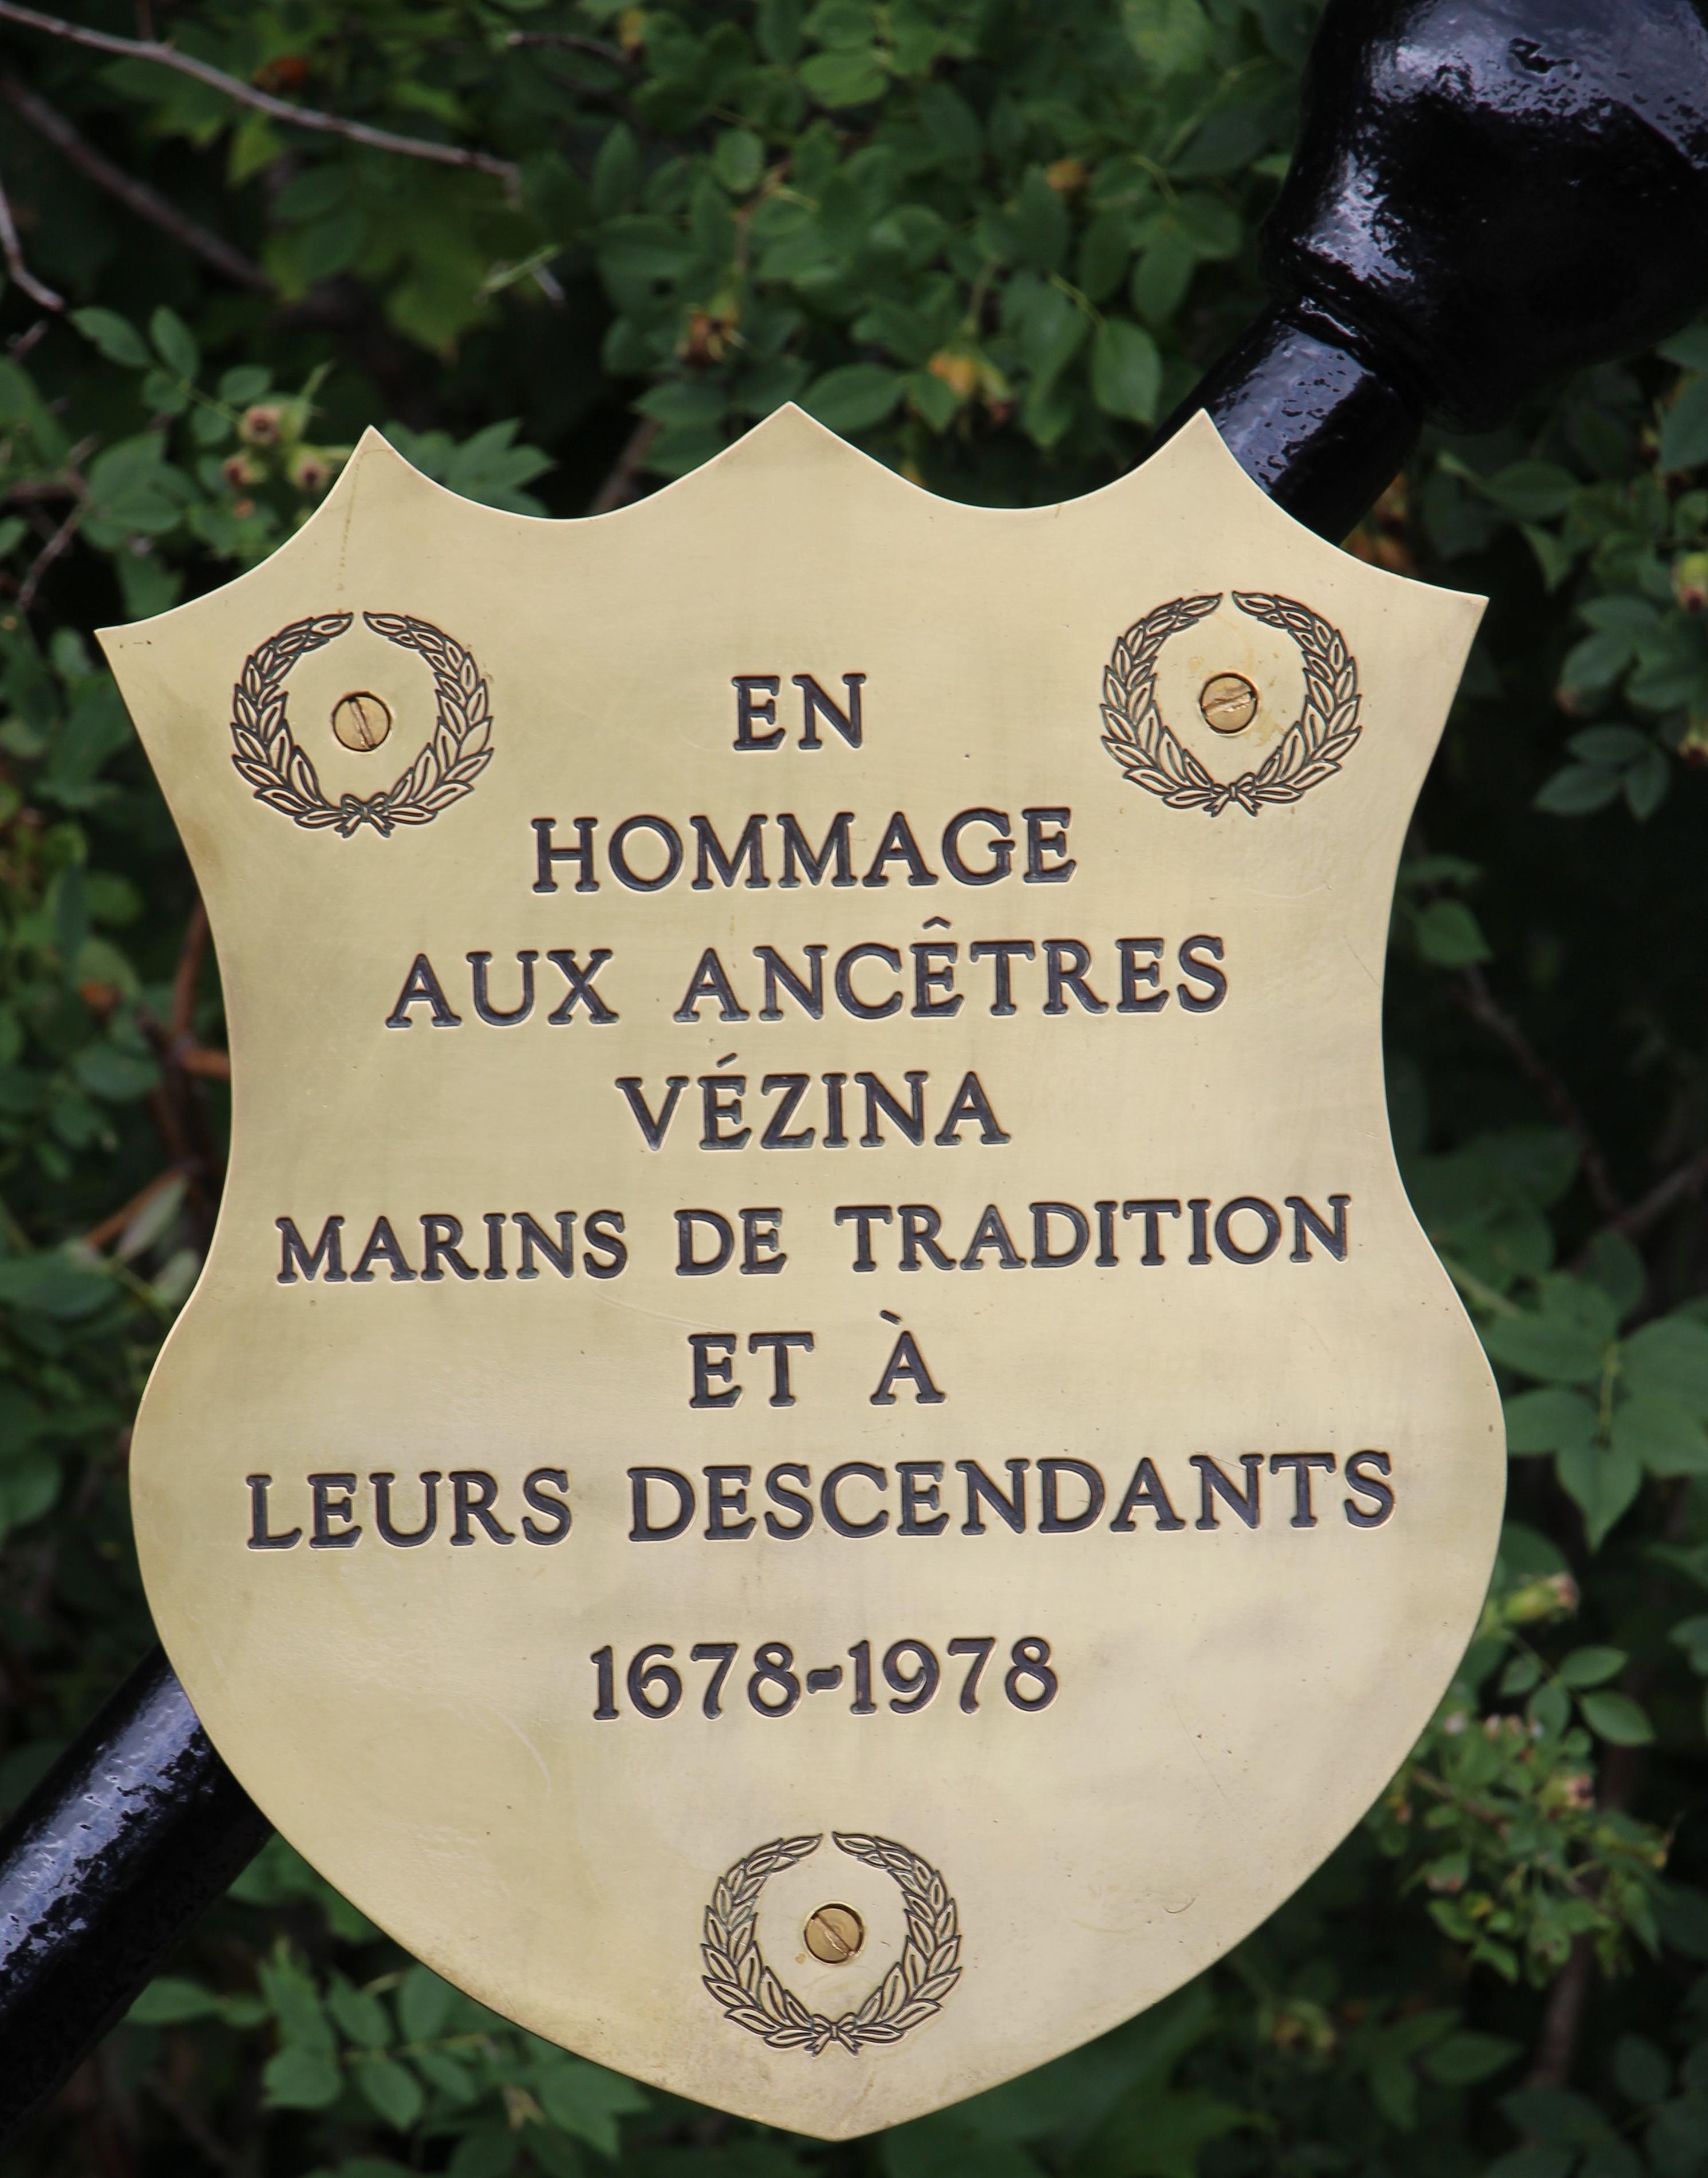 en hommage aux ancêtres marins Vézina et à leurs descendants